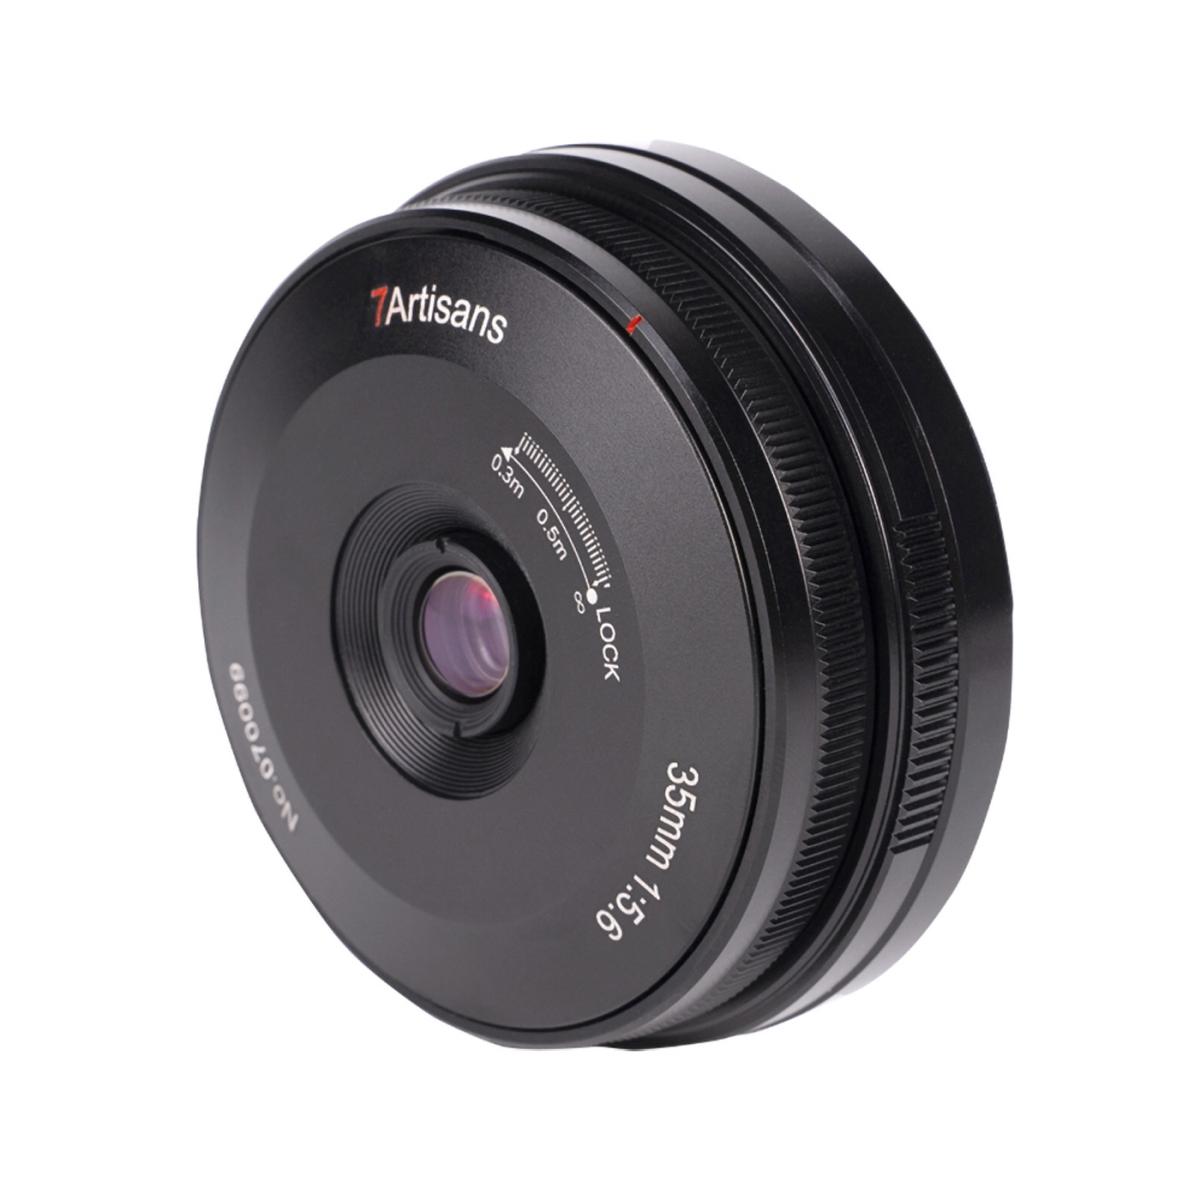 7Artisans 35 mm 1:5,6 Pancake für Nikon Z